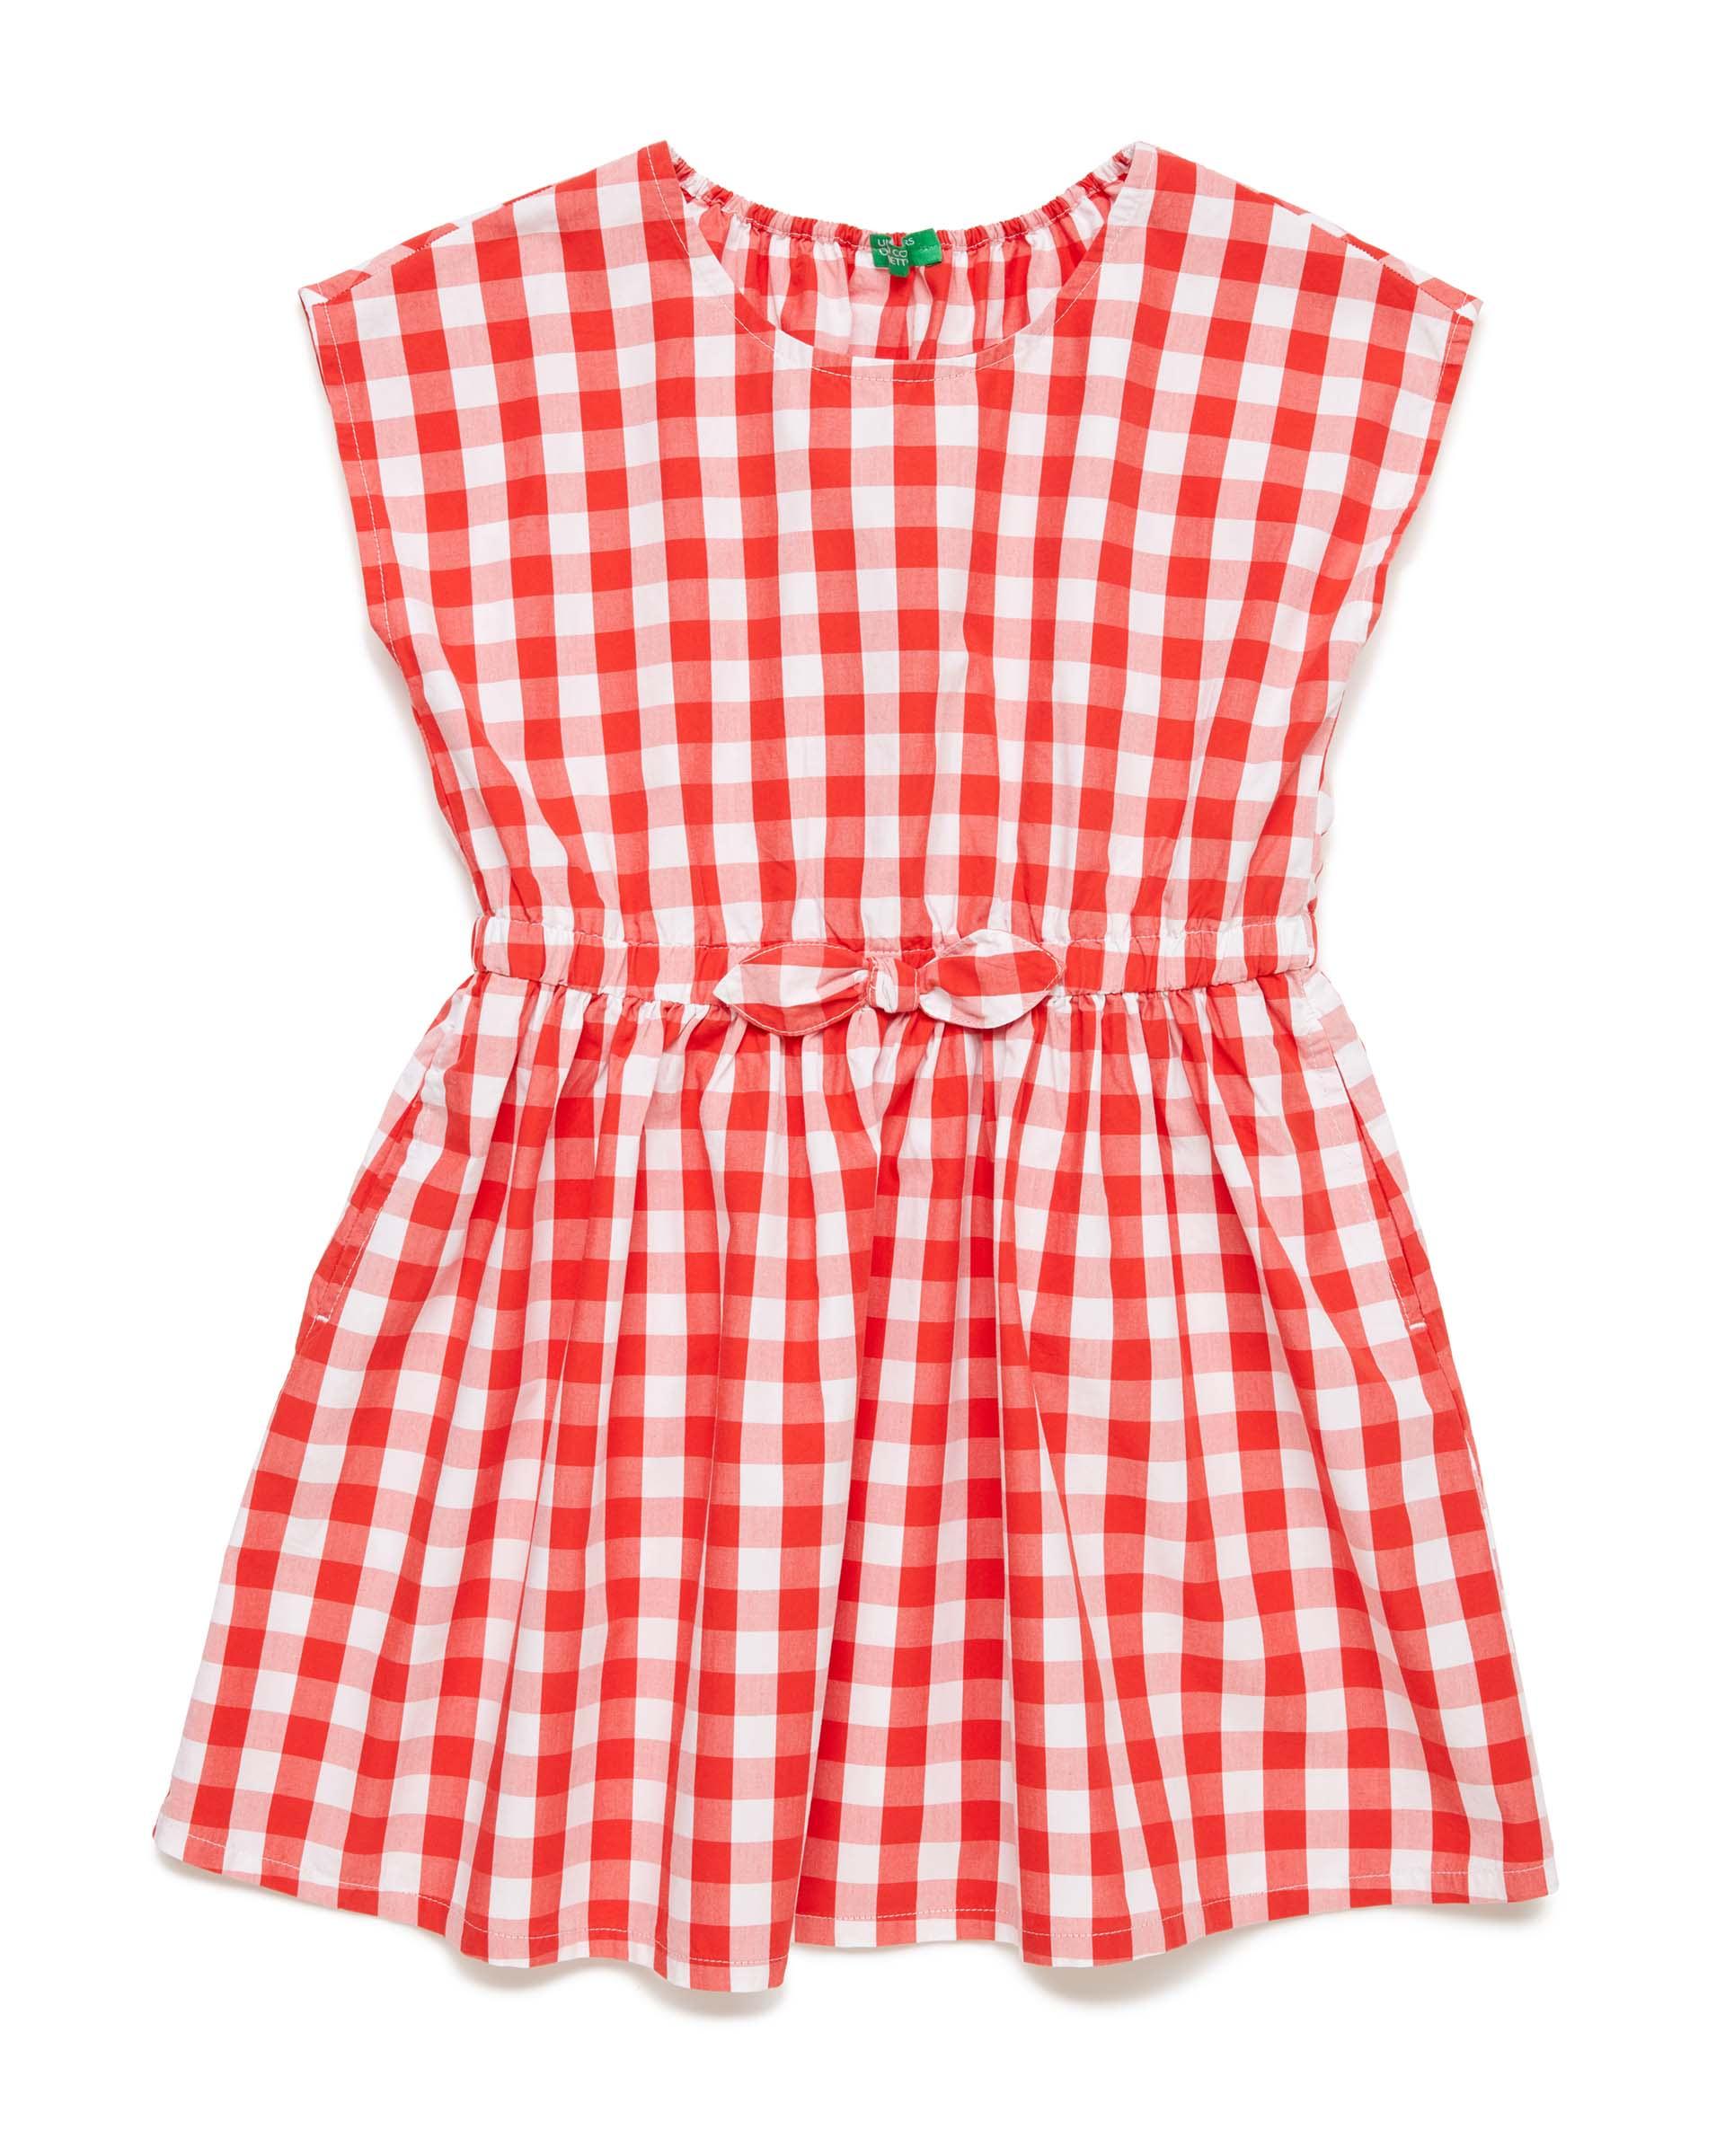 Купить 20P_4OT75VDG0_912, Платье для девочек Benetton 4OT75VDG0_912 р-р 140, United Colors of Benetton, Платья для девочек